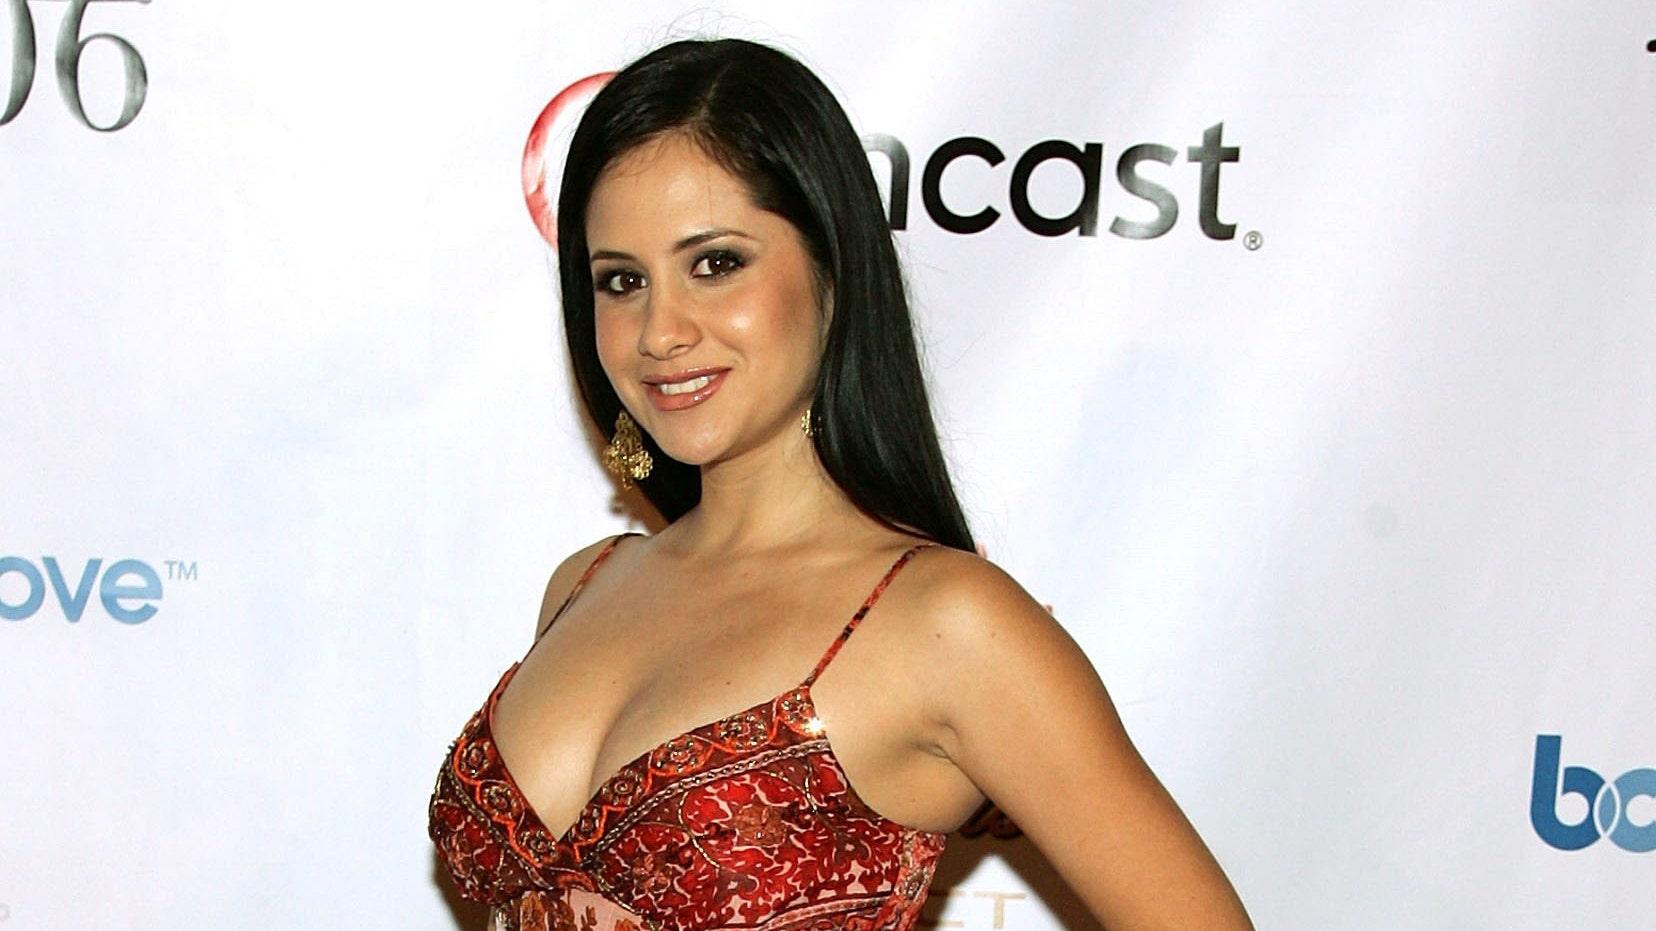 http://a57.foxnews.com/global.fncstatic.com/static/managed/img/fn-latino/entertainment/0/0/Silvana%20Arias.jpg